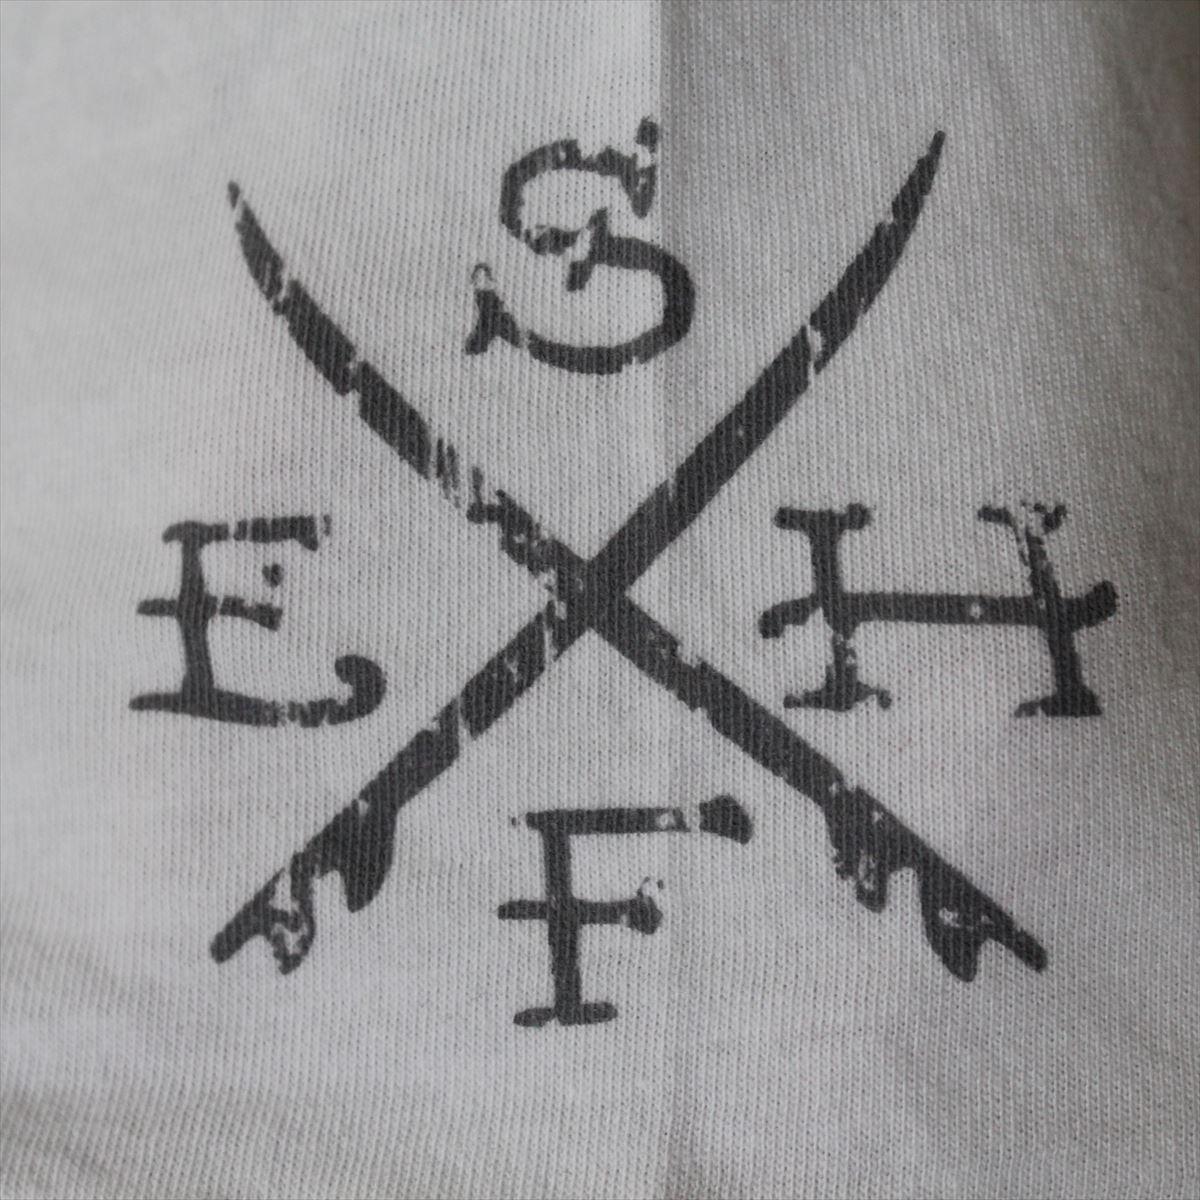 エドハーディー ED HARDY メンズ半袖Tシャツ ホワイト Sサイズ M02SUR179 新品 白_画像3